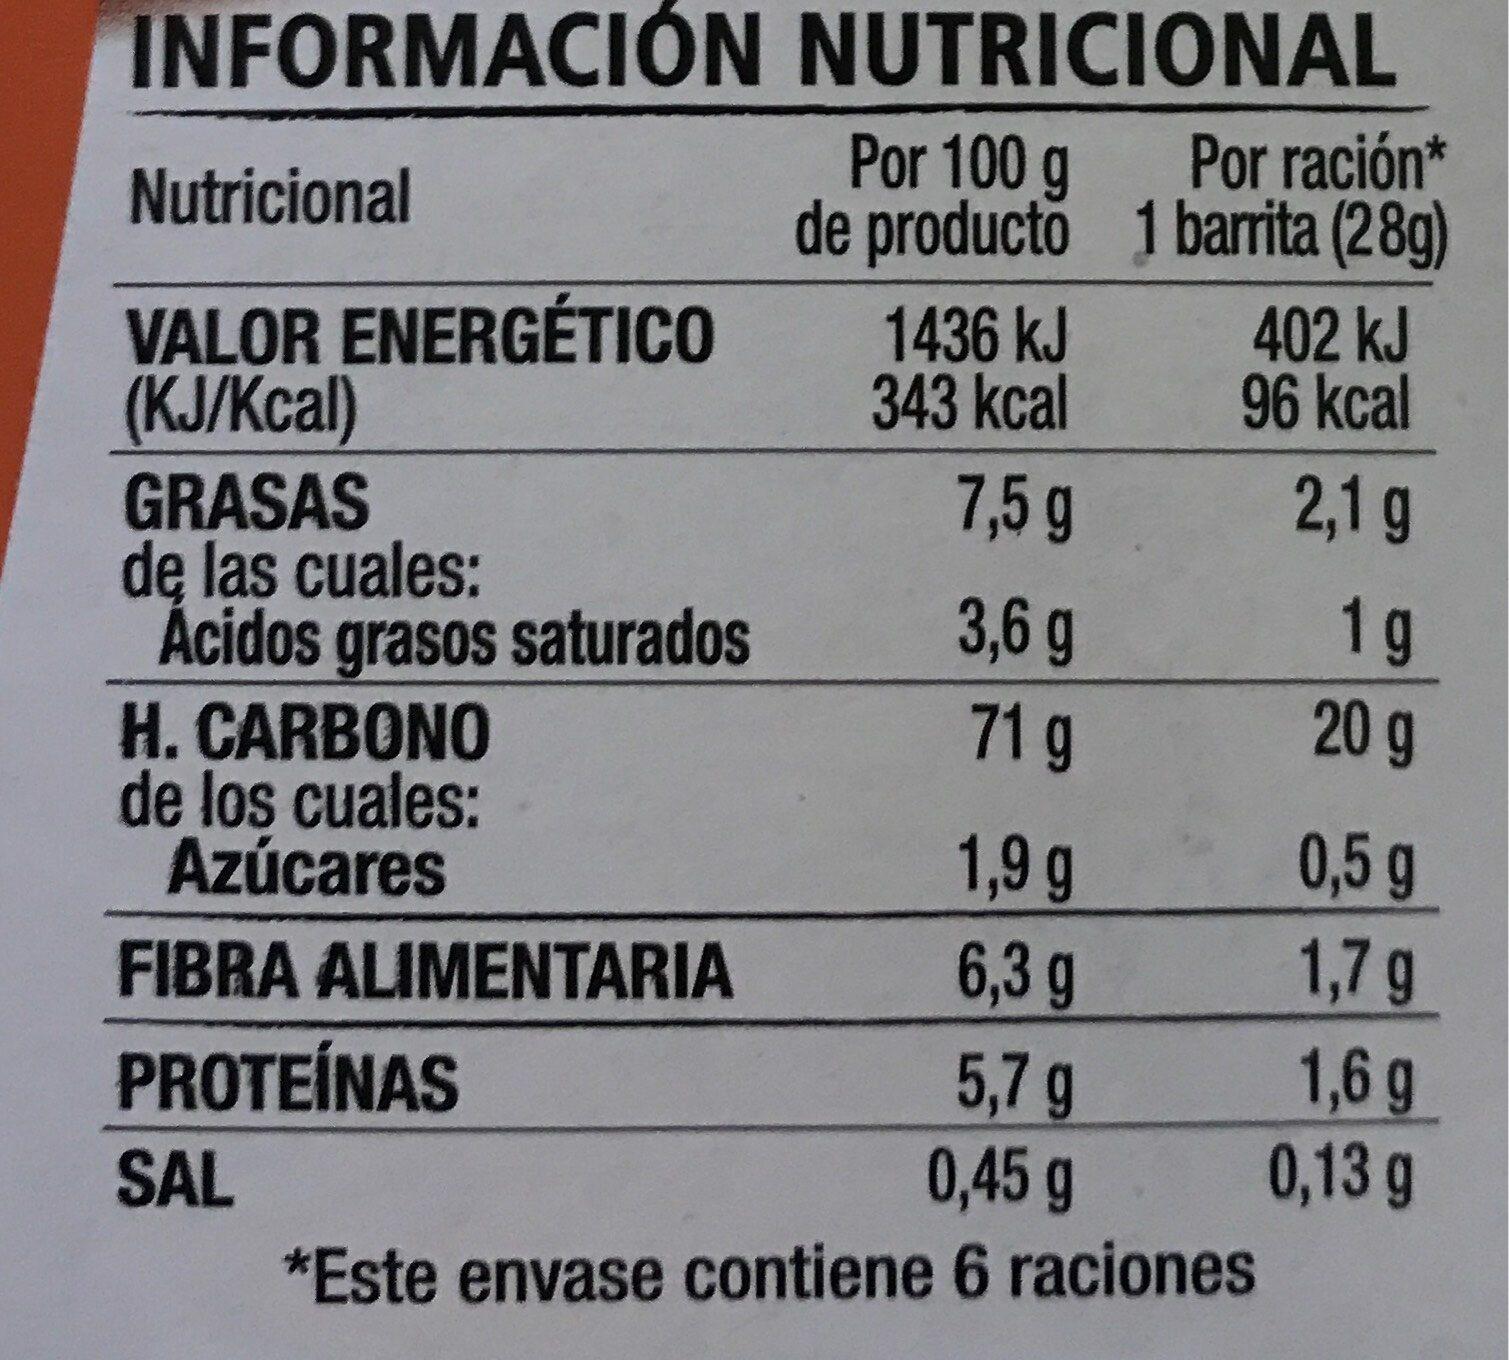 Barritas con avena, chocolate negro y naranja 0% - Información nutricional - es